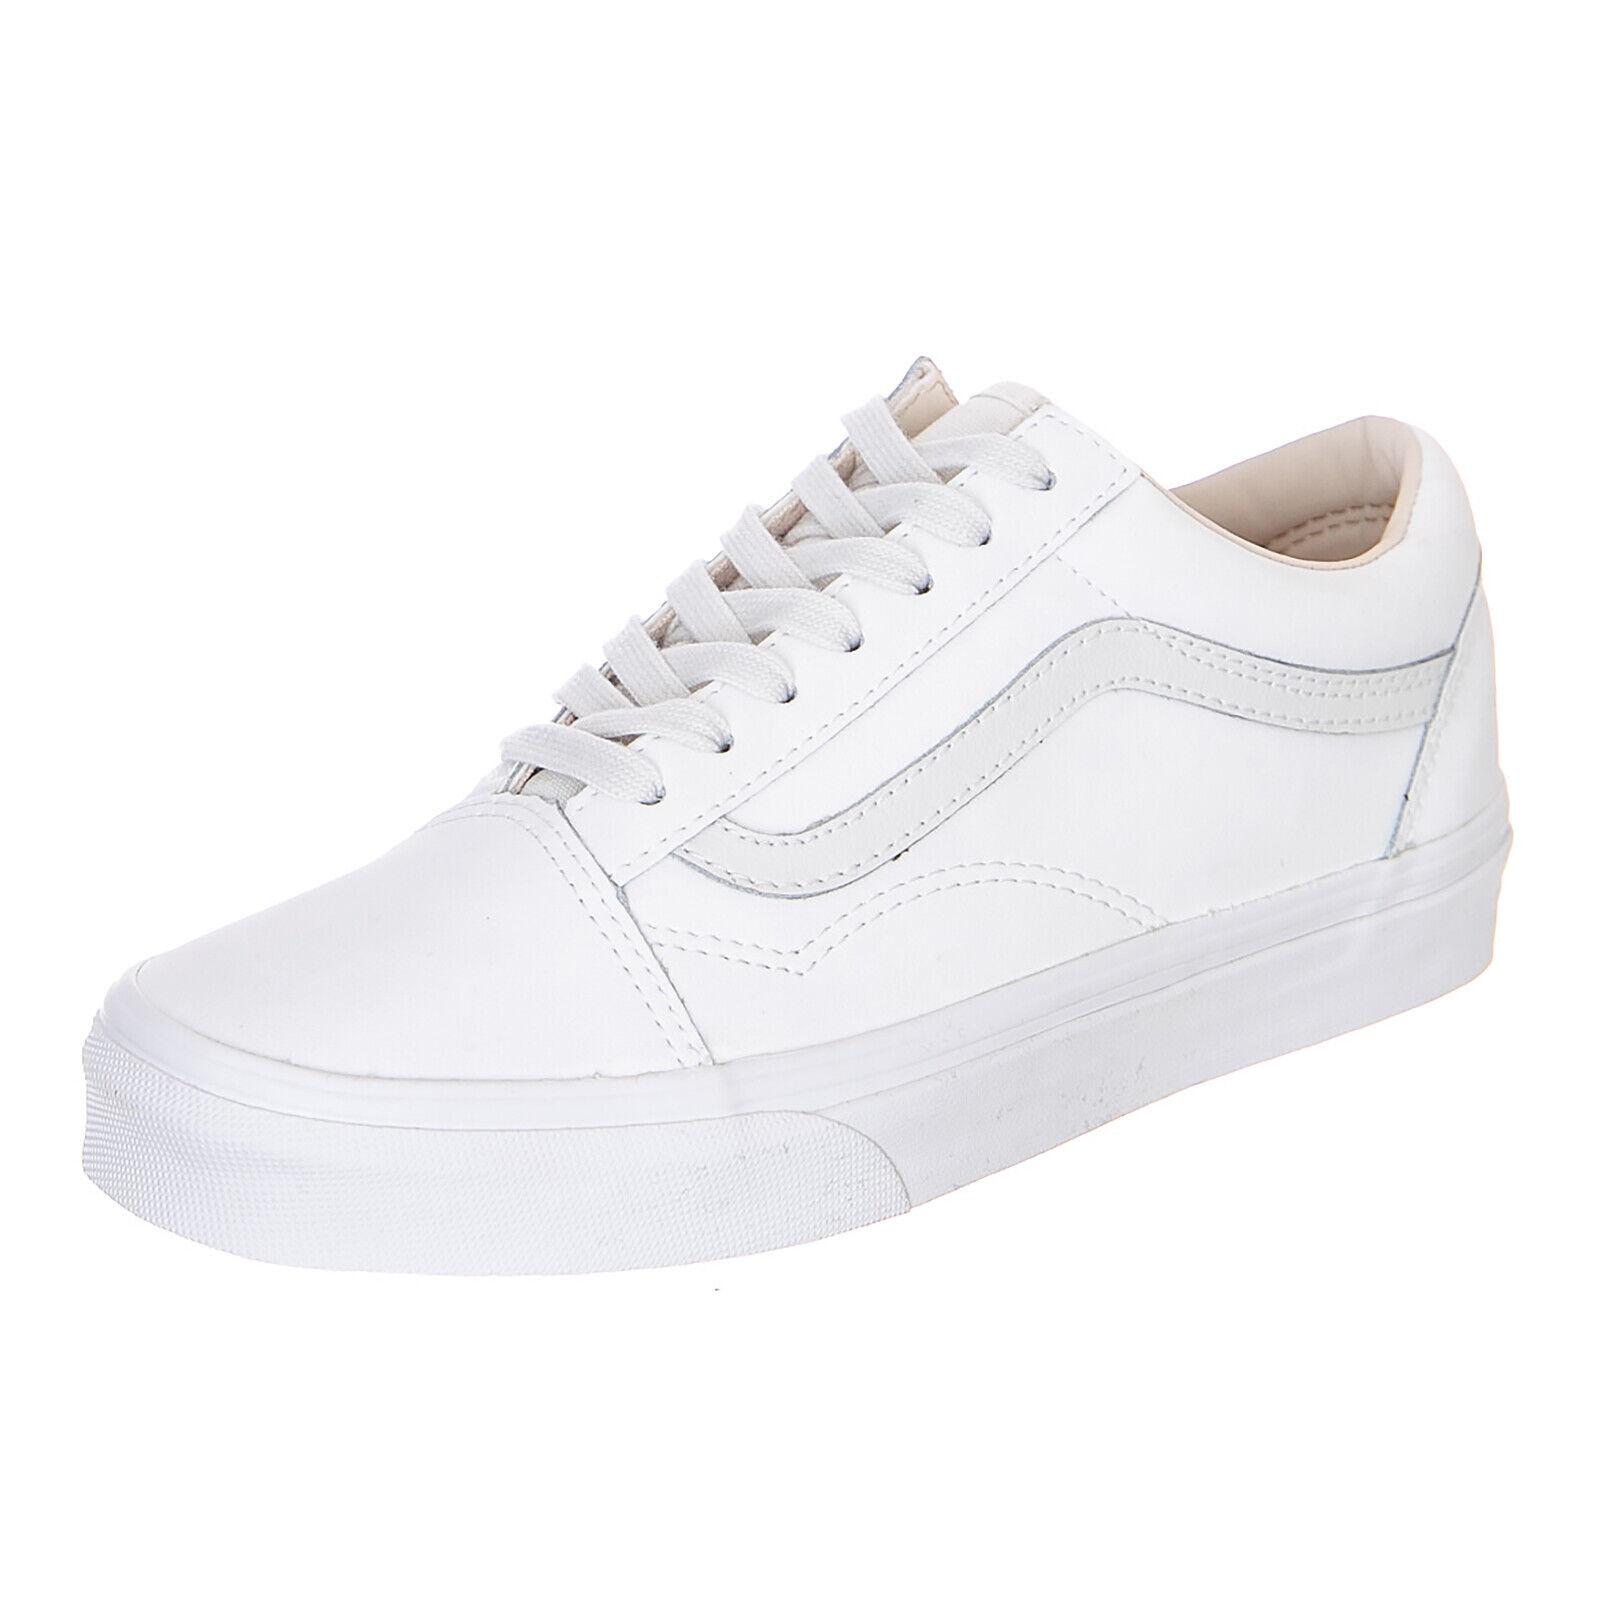 Vans Vansbuck Alte Skool - blancoo de blancoo - Zapatillas Bajas Hombre blancoo